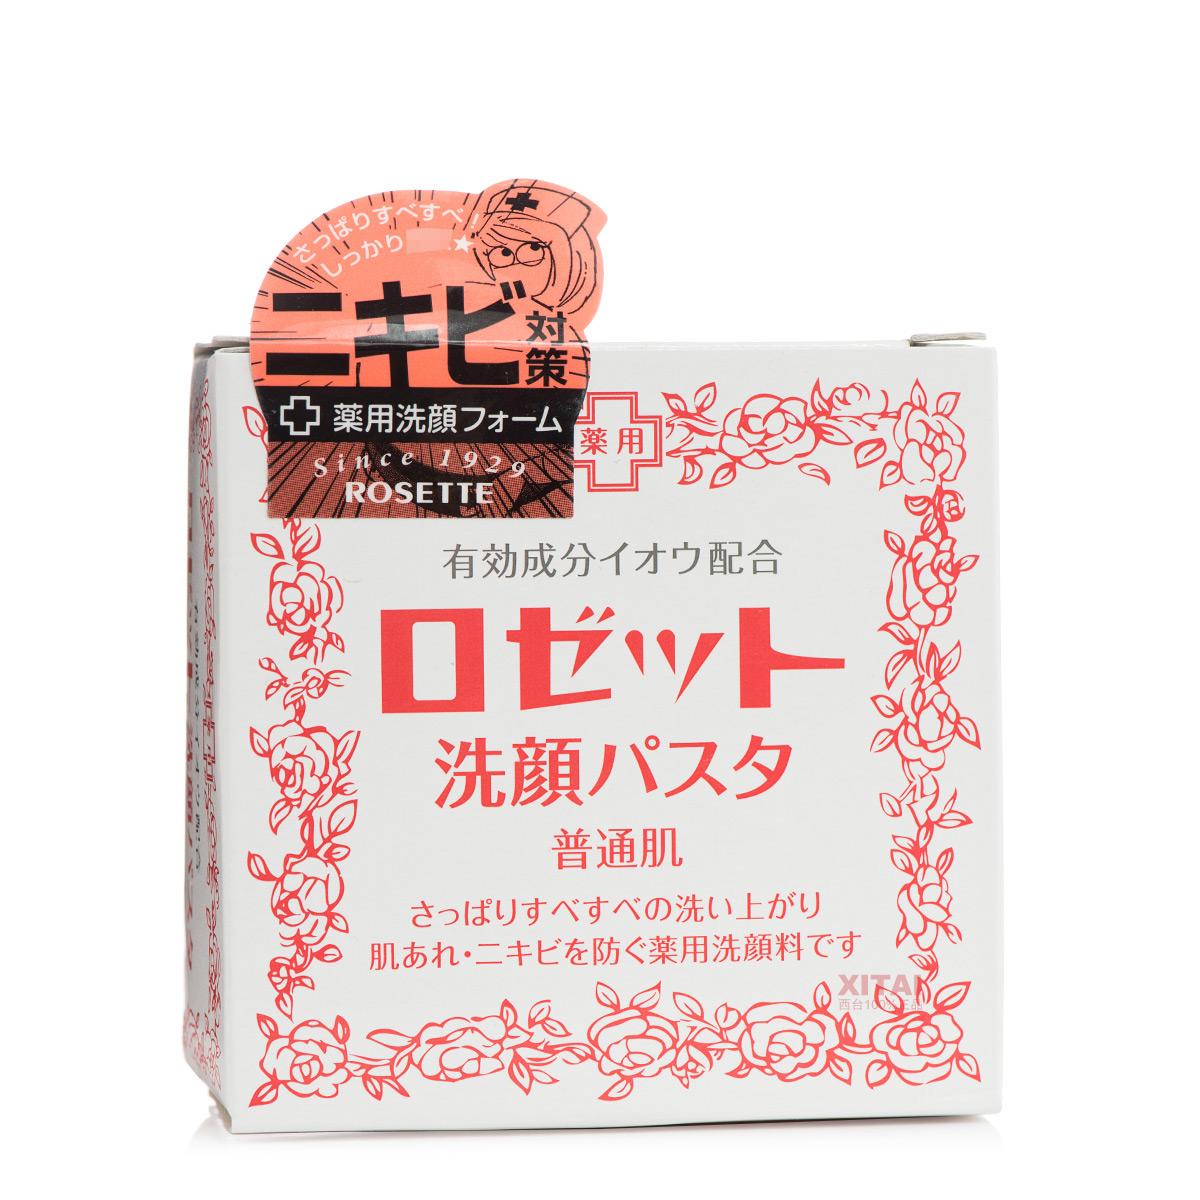 Ясно причина клещ насекомое ! япония Rosette Paste сера сера очистка крем сера сера мыло 90g оспа оспа мышца facial cleanser